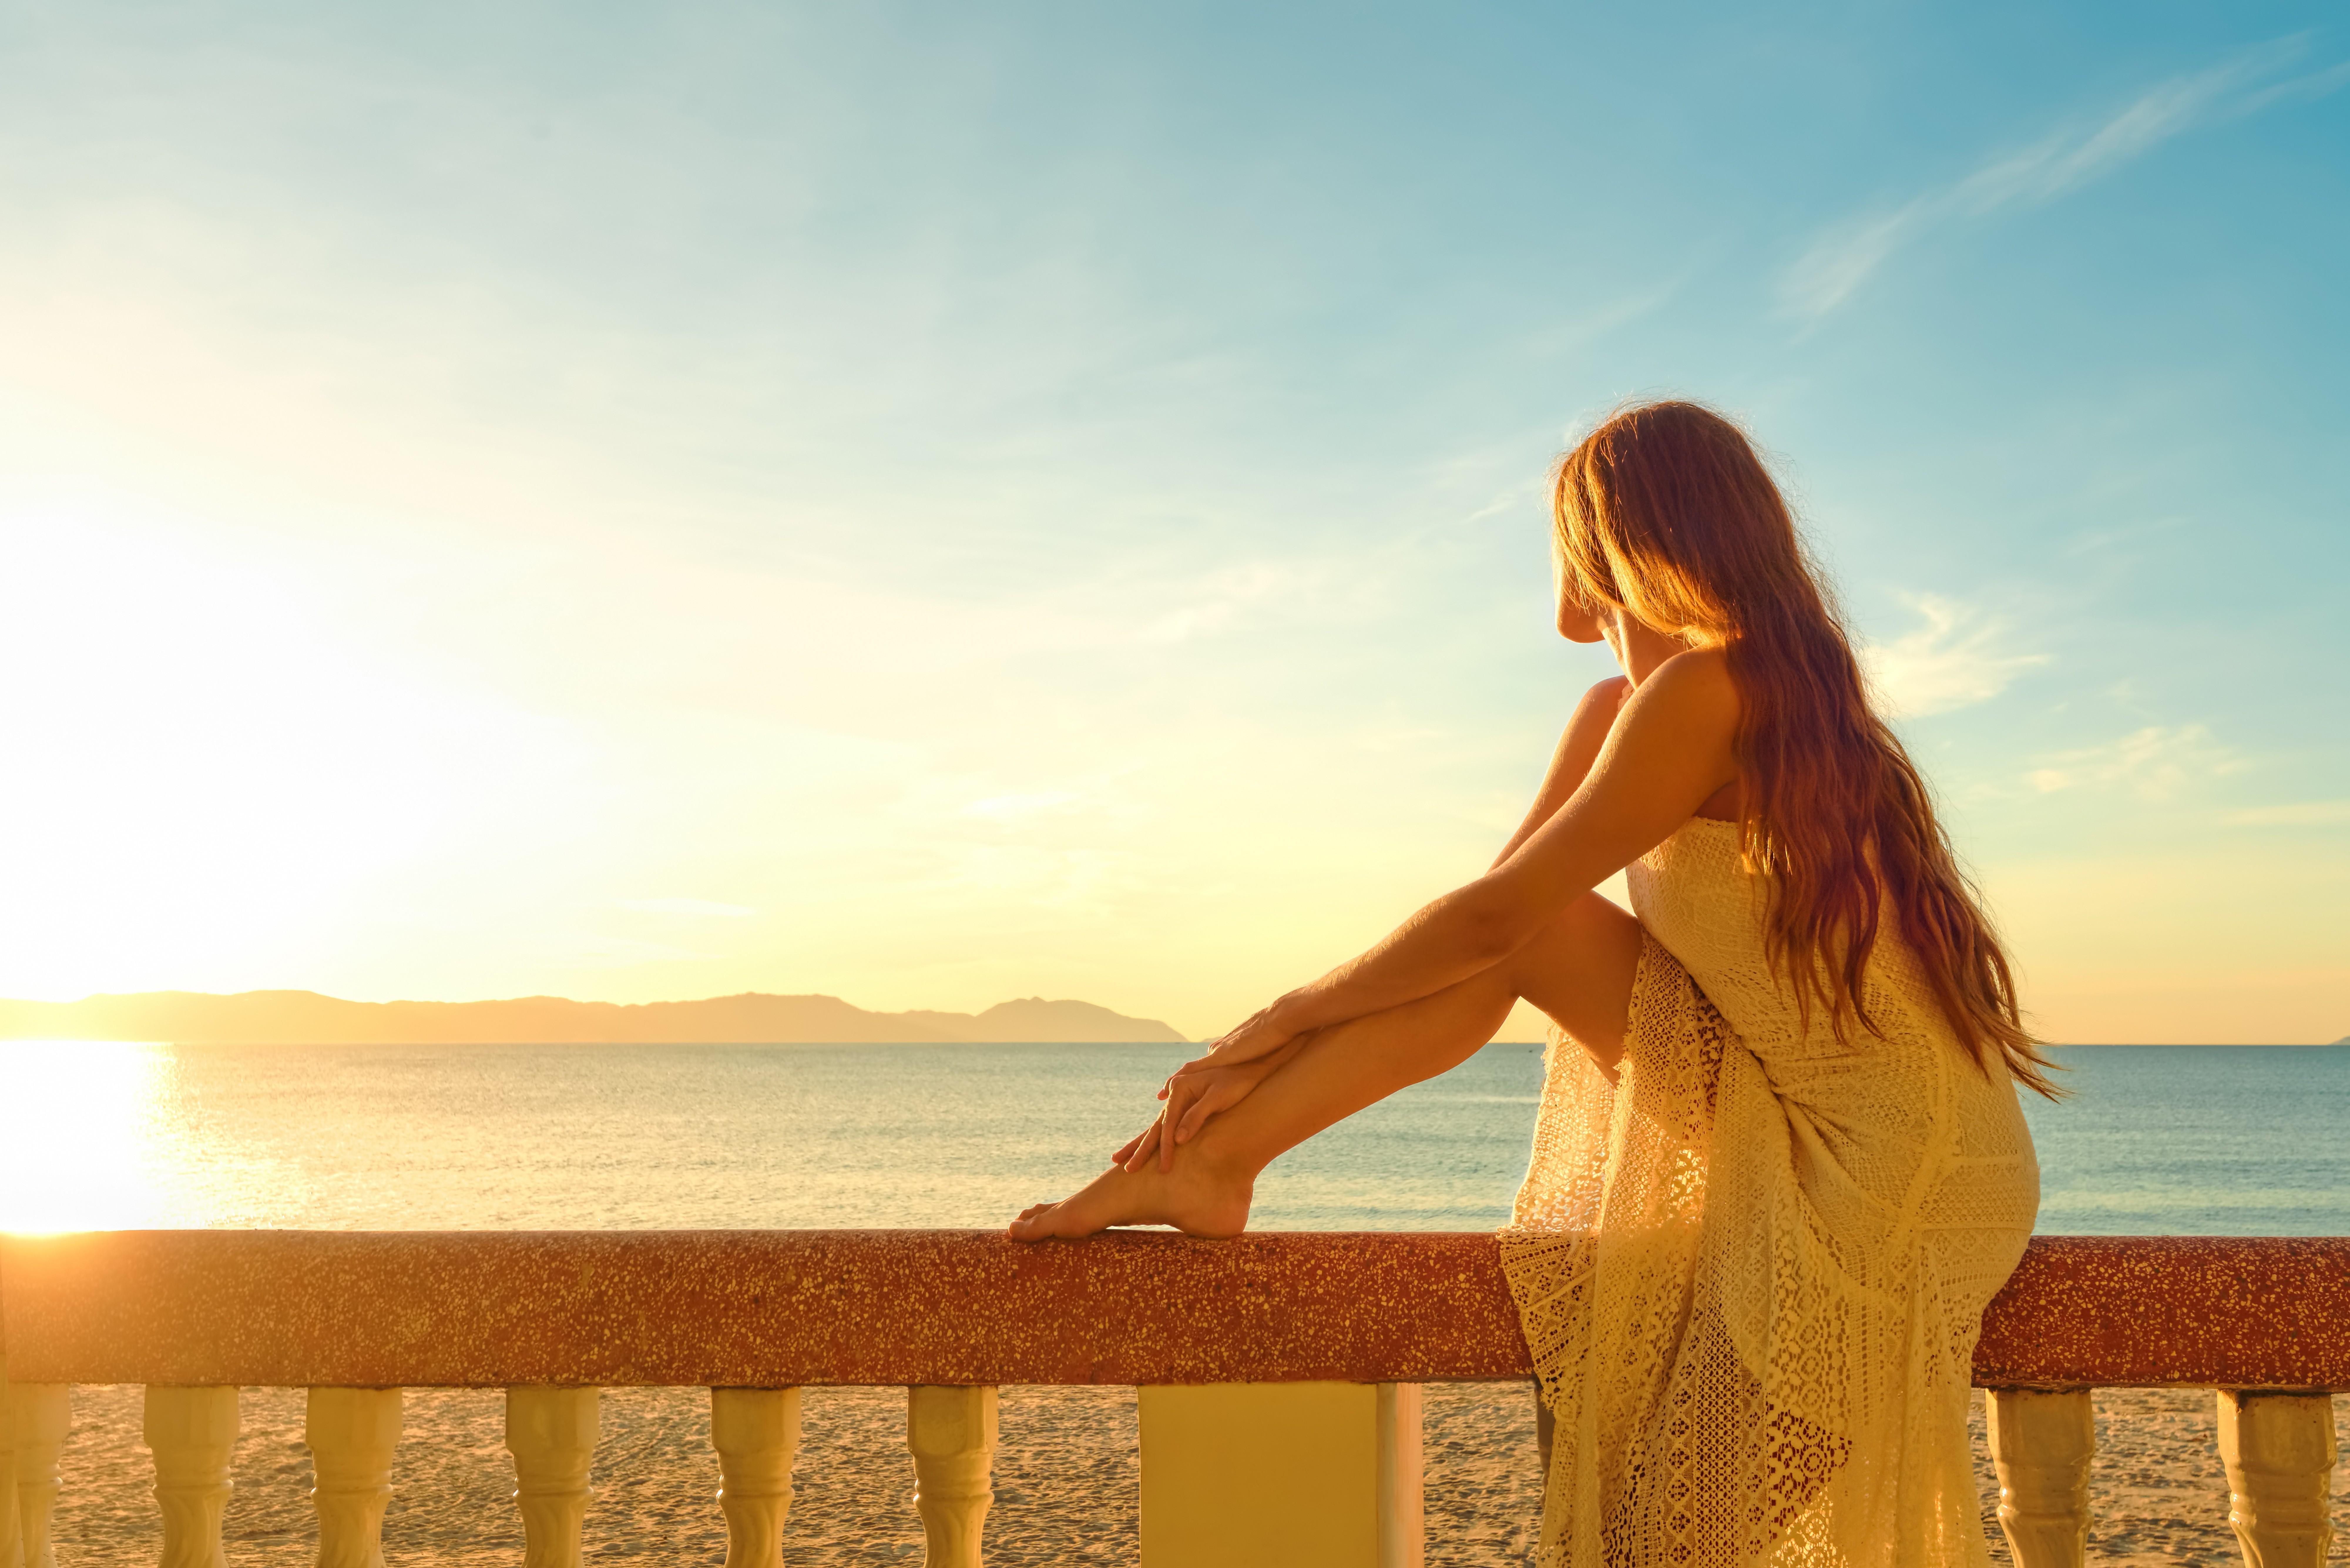 Картинка: Девушка, платье, сидит, перила, море, горы, небо, закат